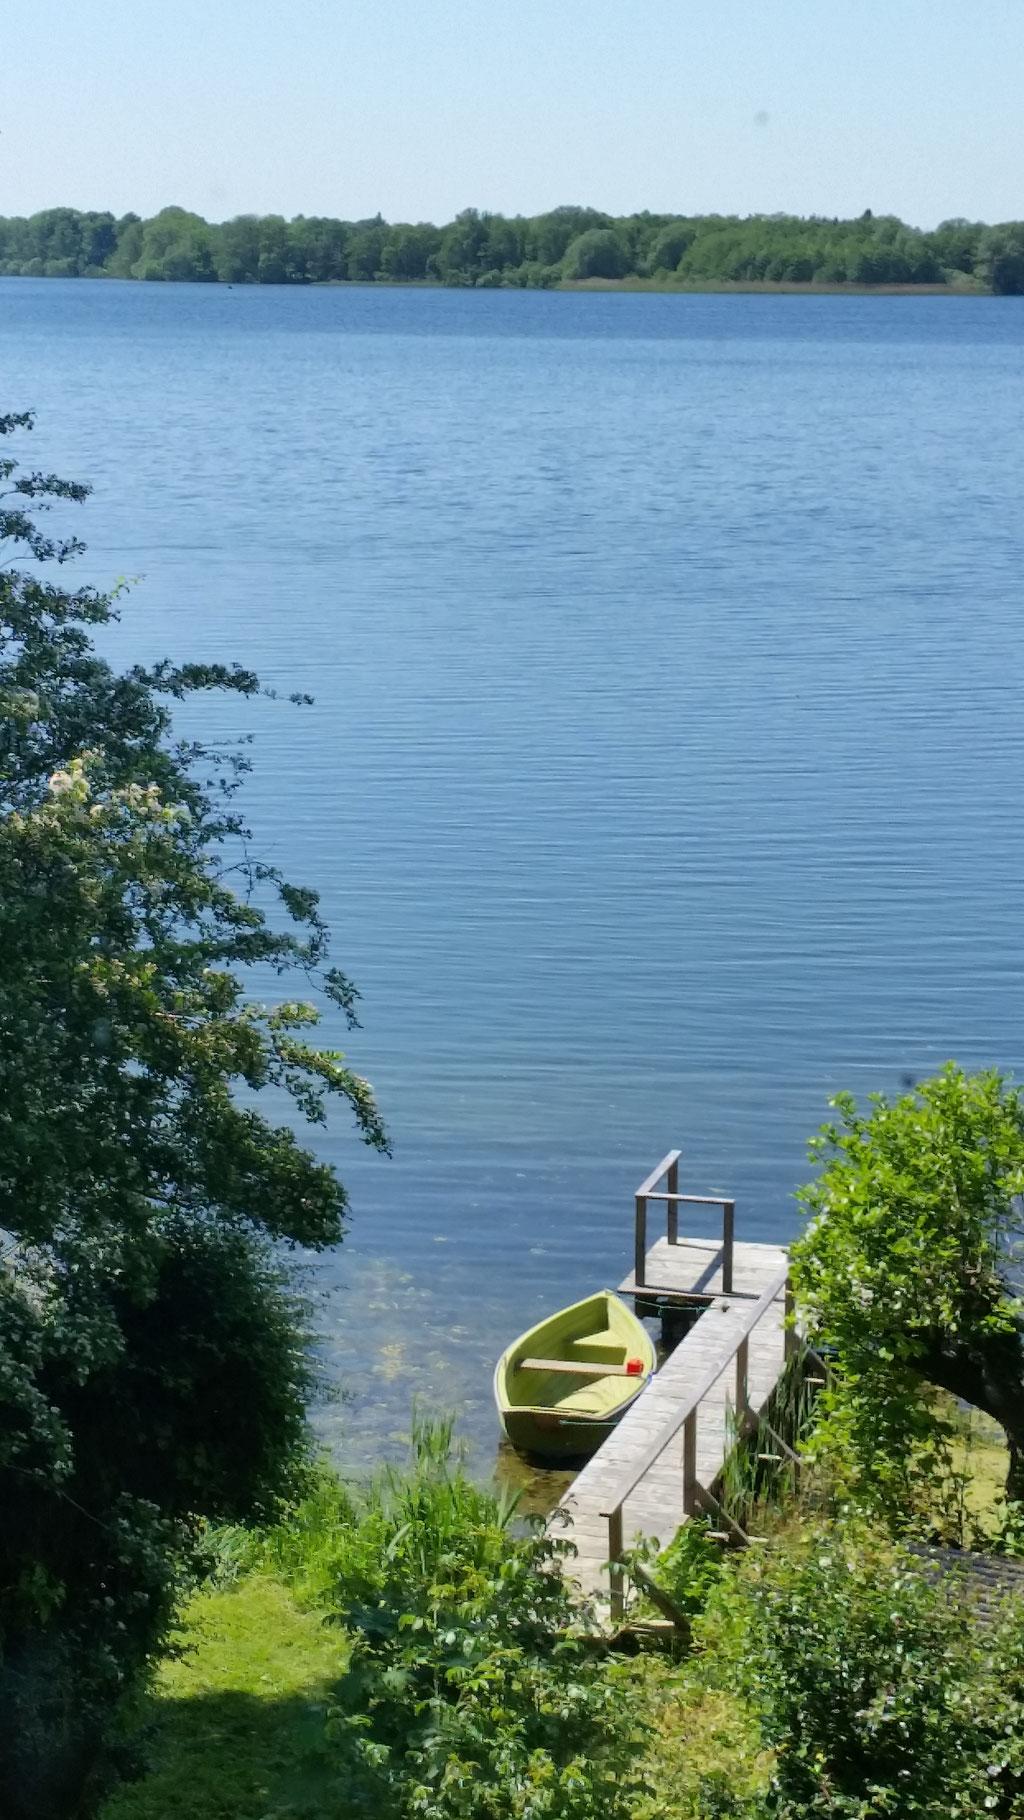 Ausblick auf das Ruderboot am Steg - fertig für eine Ausflug über den See